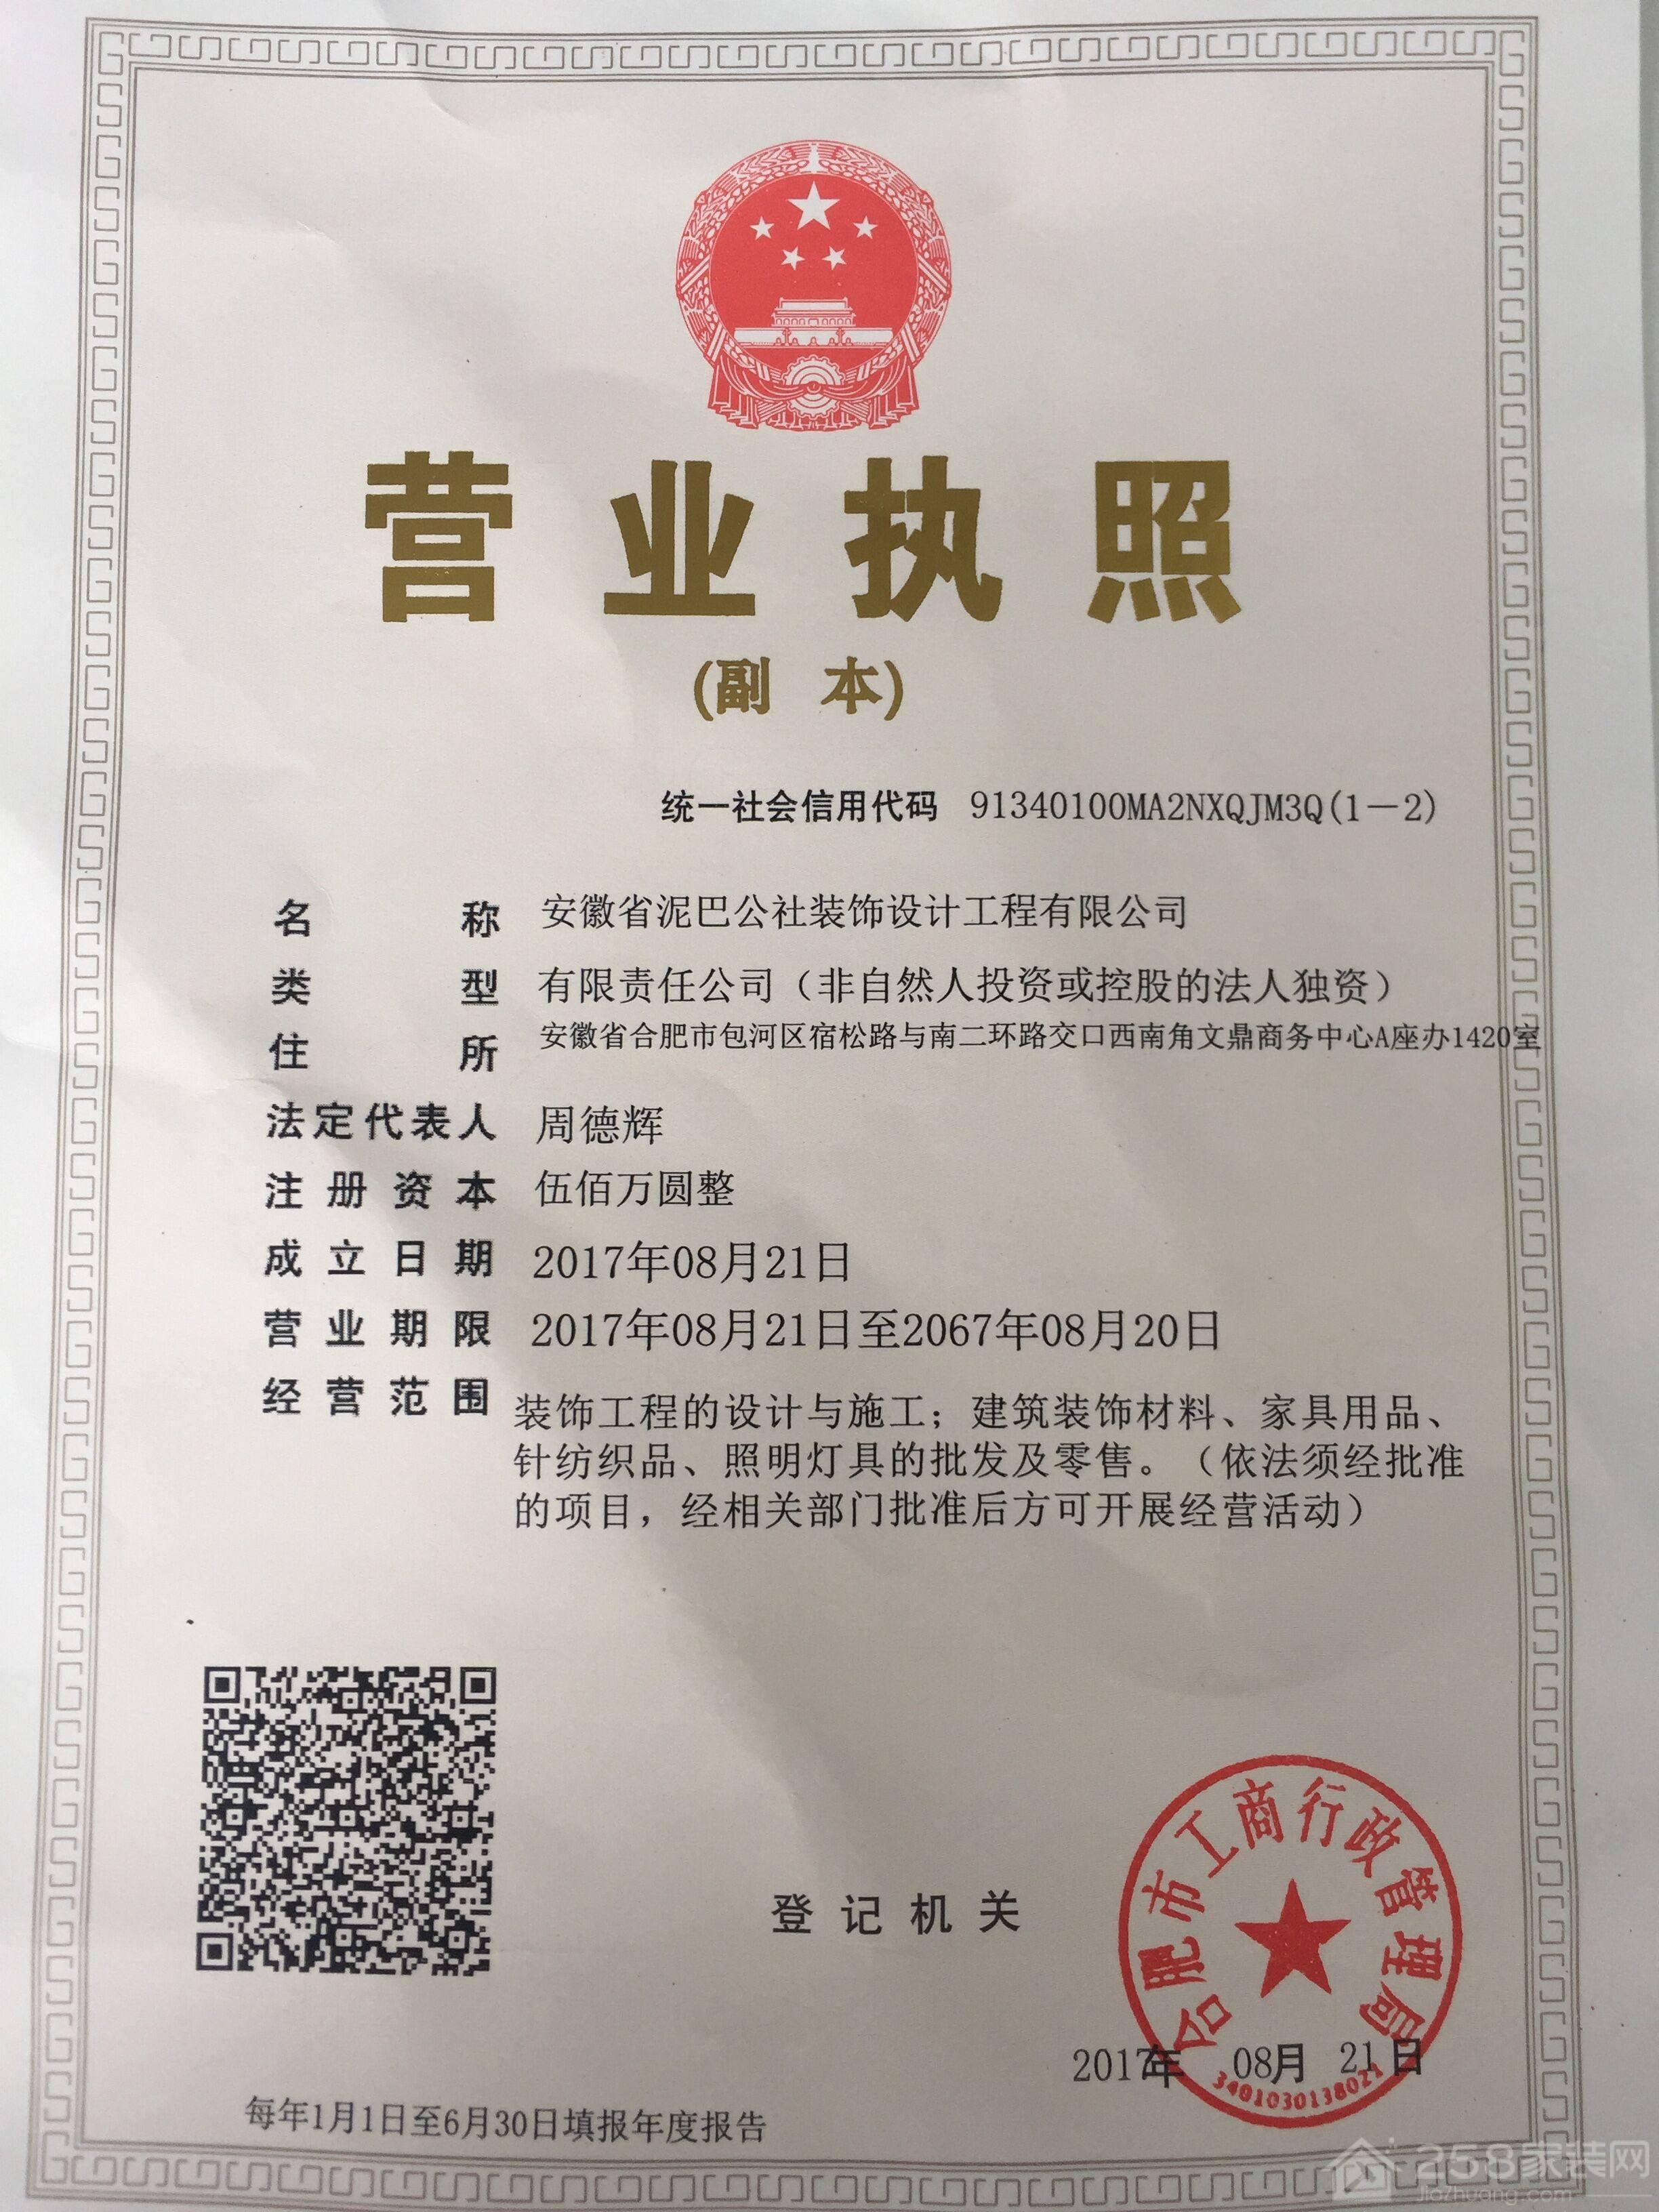 安徽省泥巴公社装饰设计工程有限公司